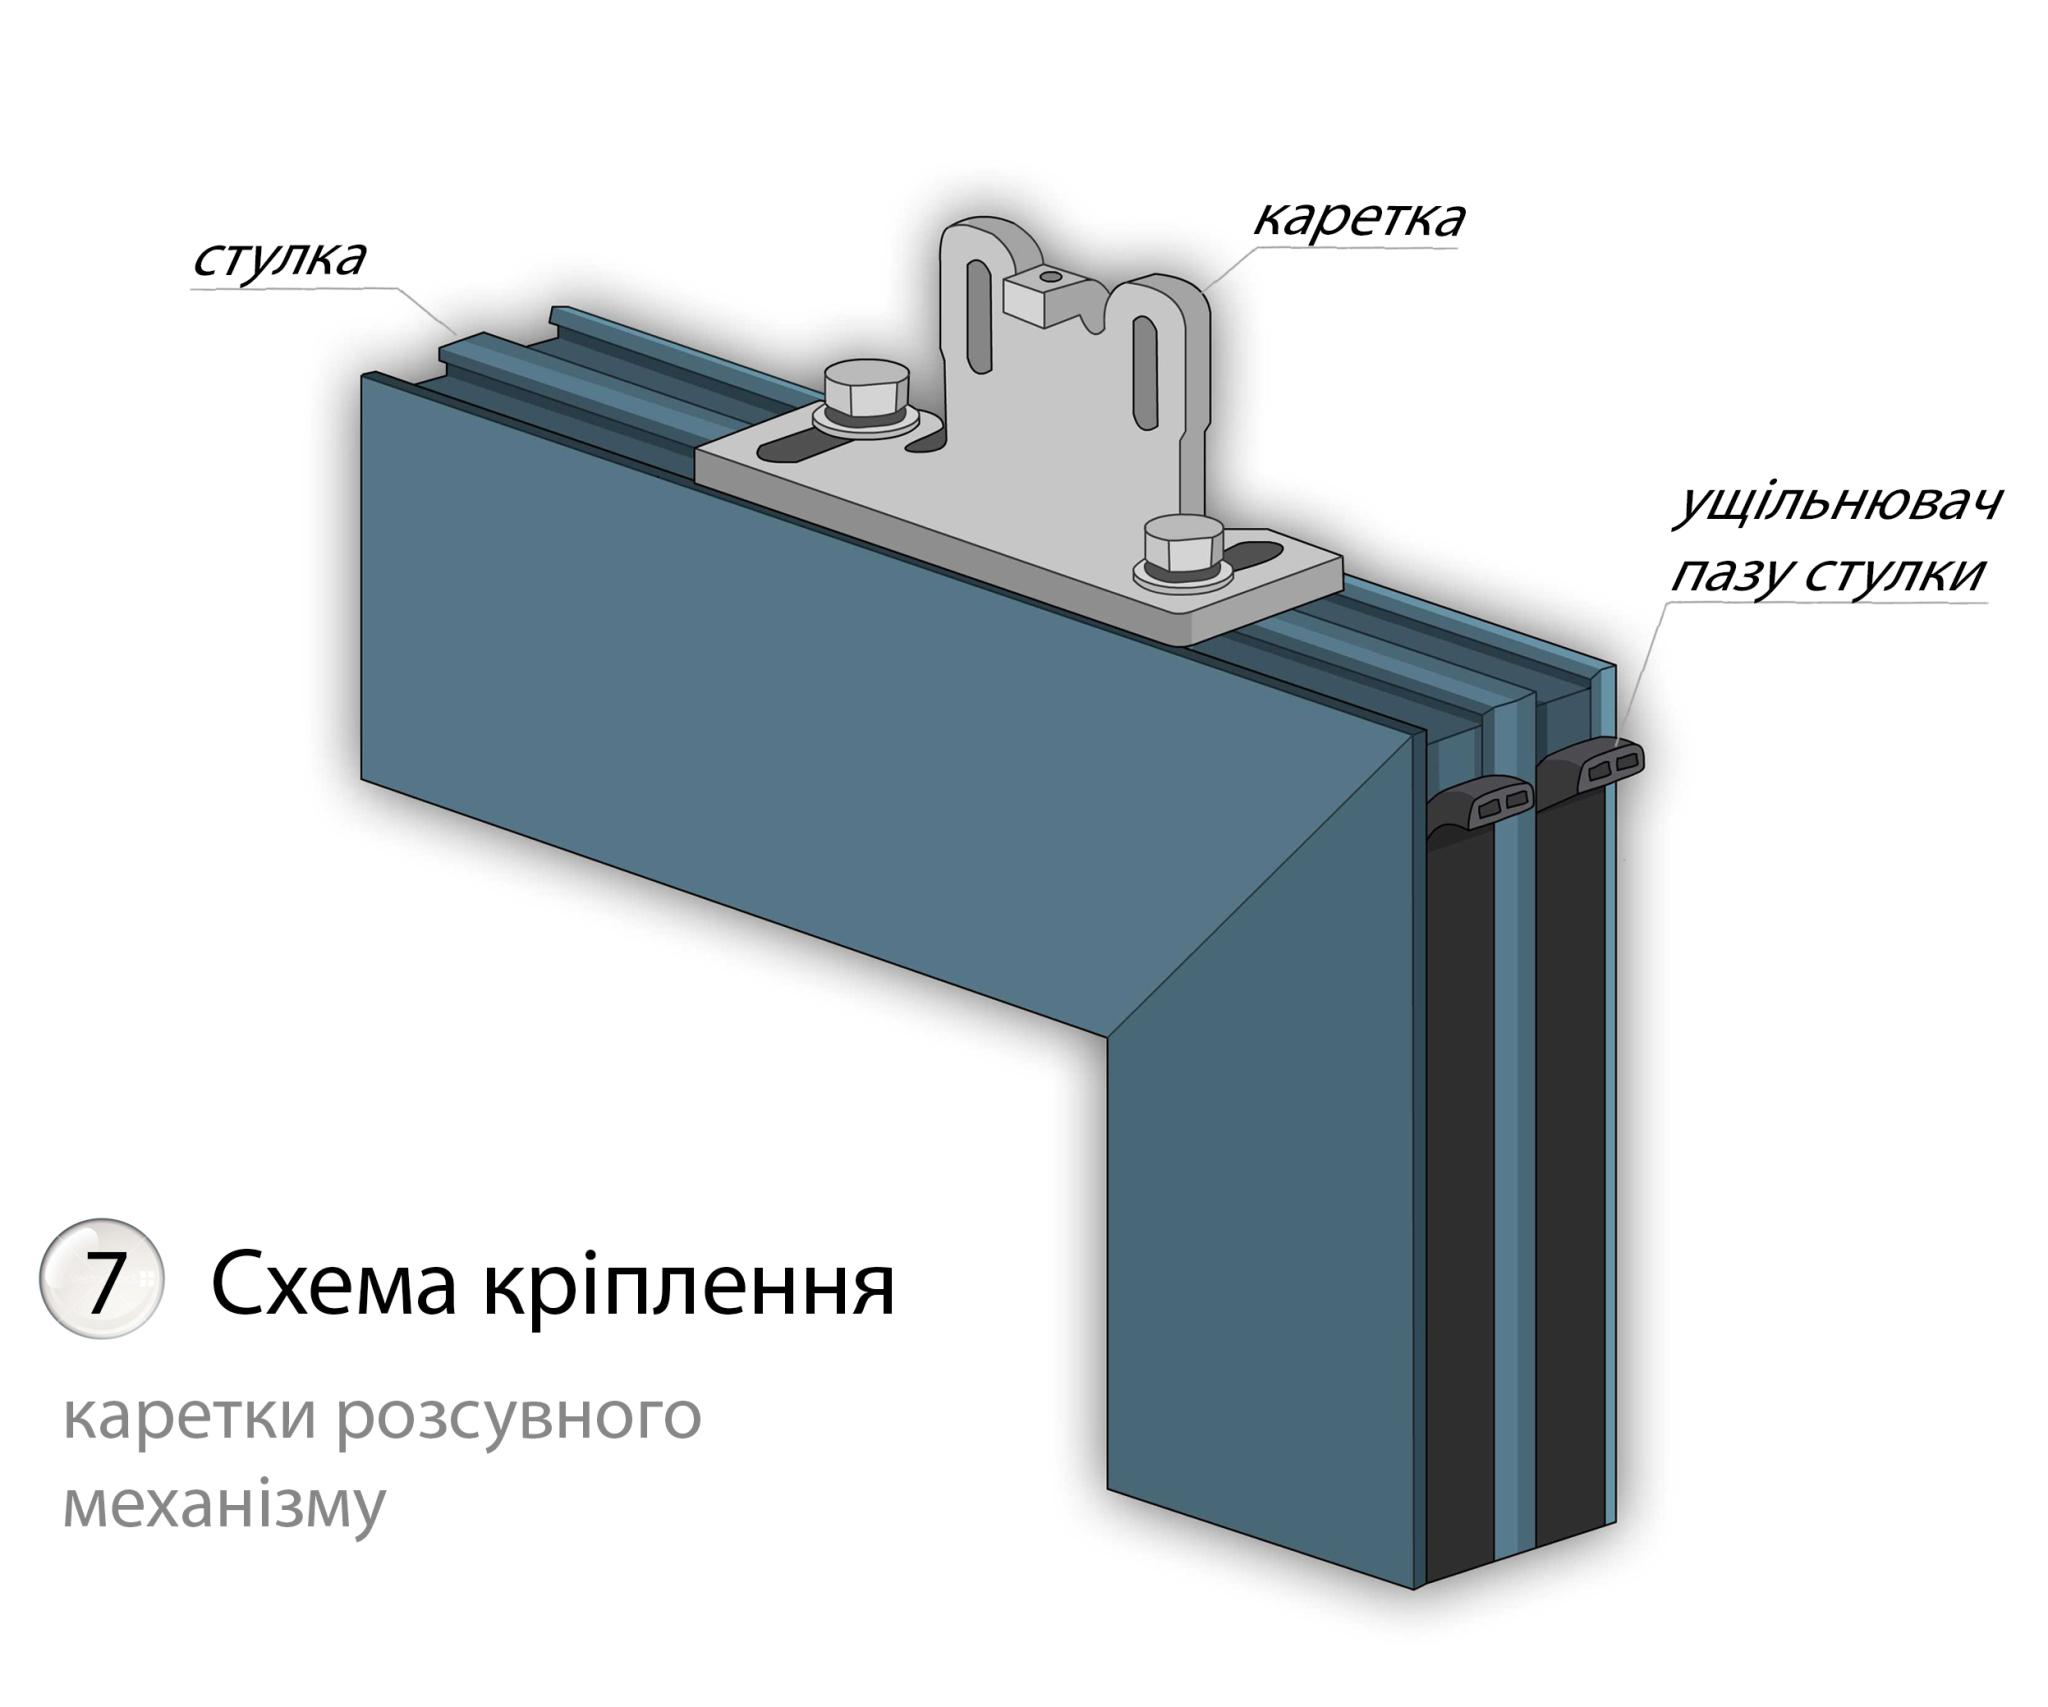 Схема кріплення